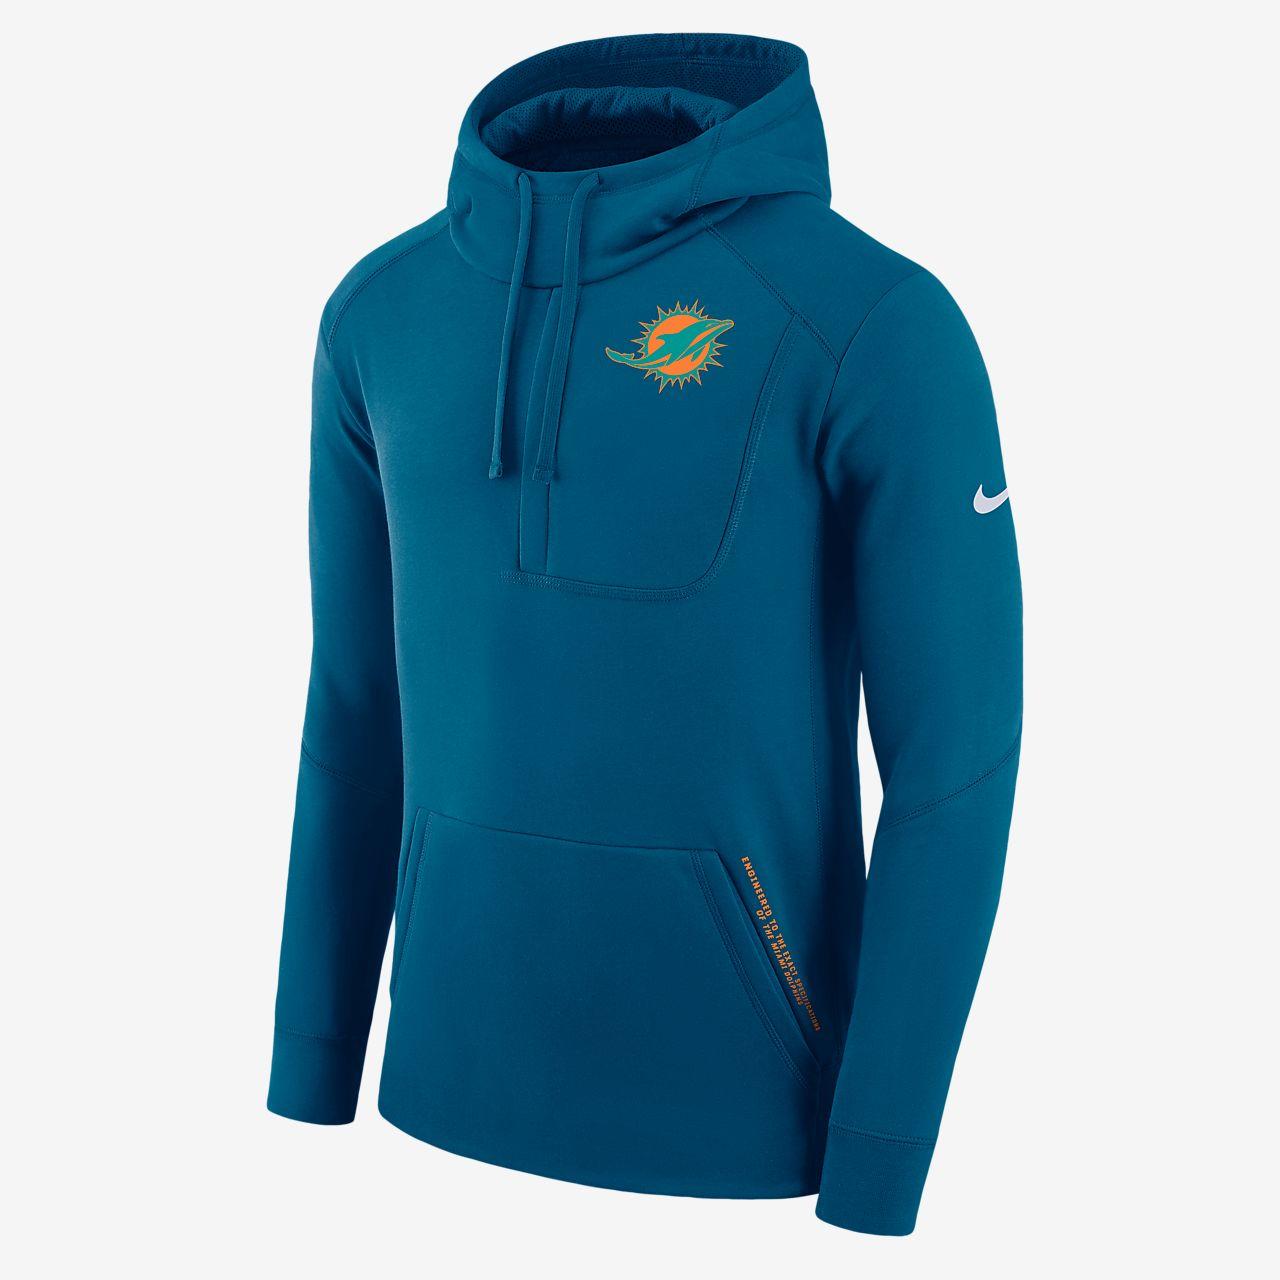 Ανδρική μπλούζα με κουκούλα Nike Fly Fleece (NFL Dolphins)